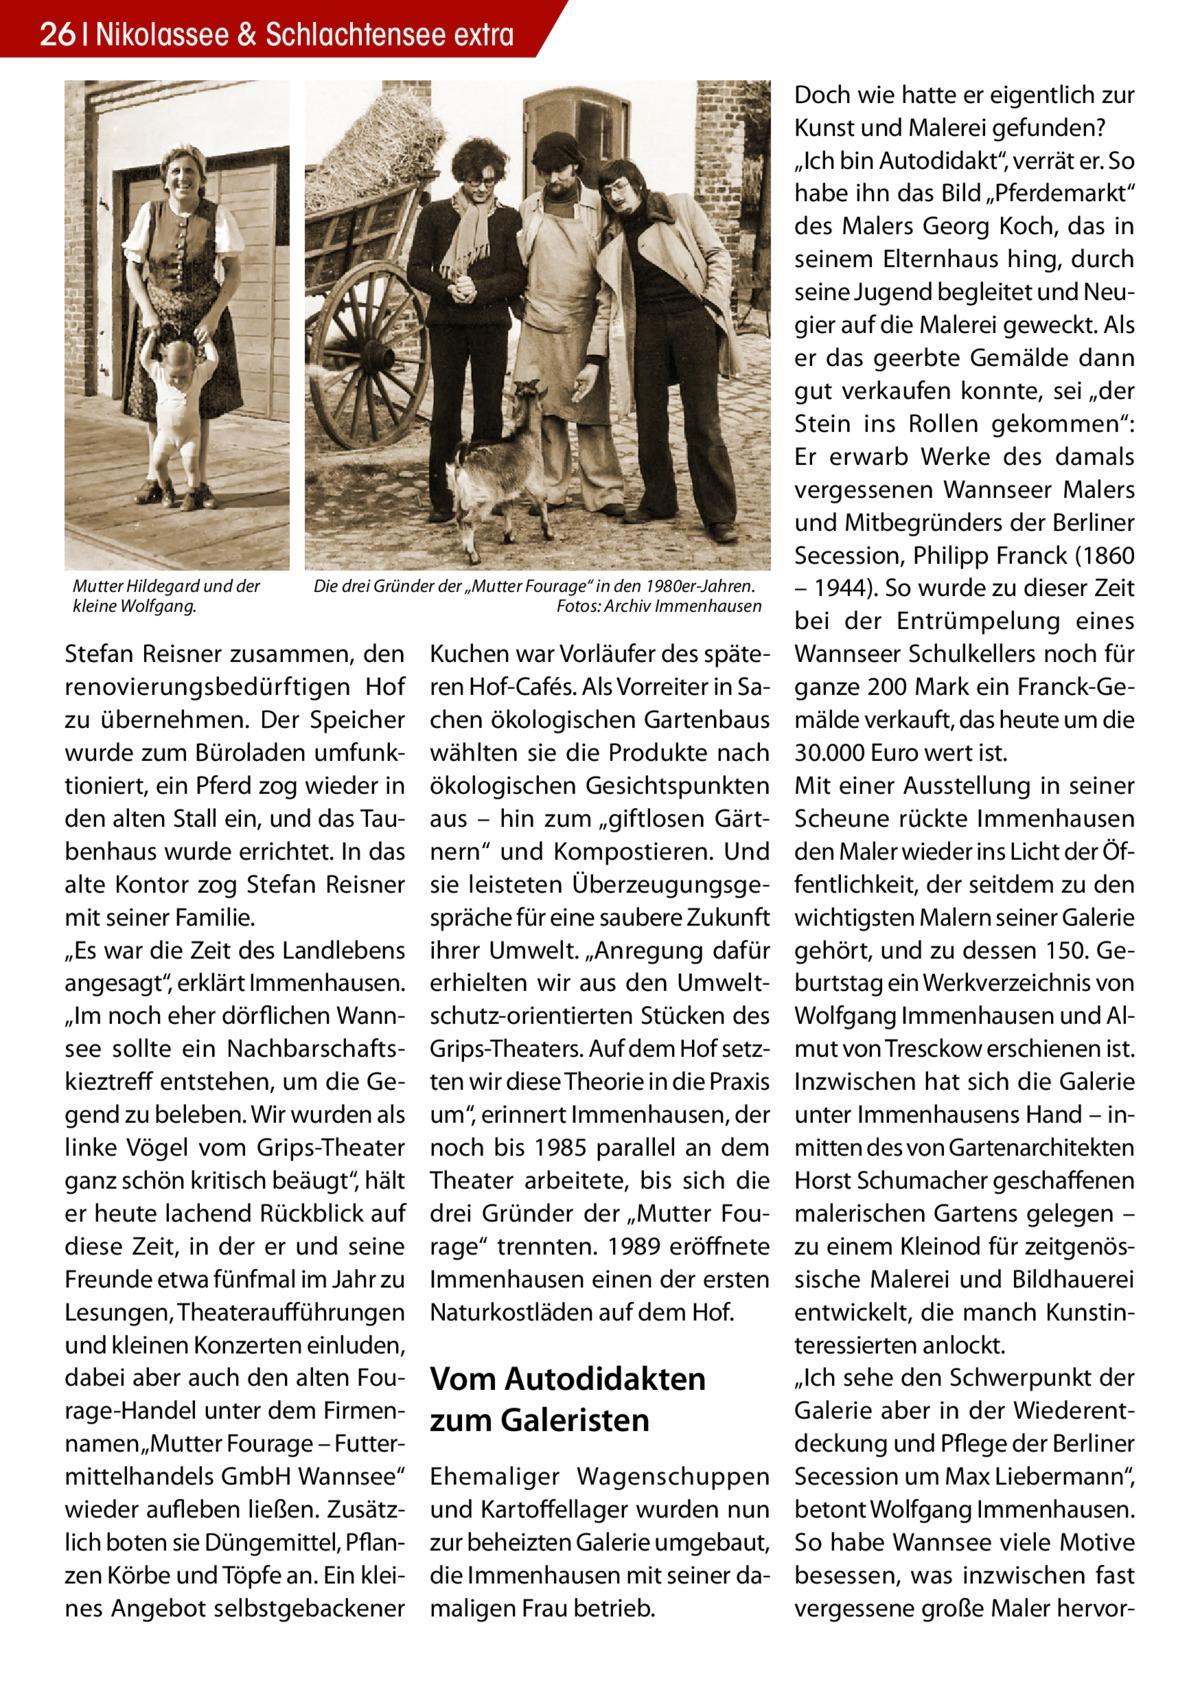 """26 Nikolassee & Schlachtensee extra  Mutter Hildegard und der kleine Wolfgang.  Die drei Gründer der """"Mutter Fourage"""" in den 1980er-Jahren. � Fotos: Archiv Immenhausen  Stefan Reisner zusammen, den renovierungsbedürftigen Hof zu übernehmen. Der Speicher wurde zum Büroladen umfunktioniert, ein Pferd zog wieder in den alten Stall ein, und das Taubenhaus wurde errichtet. In das alte Kontor zog Stefan Reisner mit seiner Familie. """"Es war die Zeit des Landlebens angesagt"""", erklärt Immenhausen. """"Im noch eher dörflichen Wannsee sollte ein Nachbarschaftskieztreff entstehen, um die Gegend zu beleben. Wir wurden als linke Vögel vom Grips-Theater ganz schön kritisch beäugt"""", hält er heute lachend Rückblick auf diese Zeit, in der er und seine Freunde etwa fünfmal im Jahr zu Lesungen, Theateraufführungen und kleinen Konzerten einluden, dabei aber auch den alten Fourage-Handel unter dem Firmennamen """"Mutter Fourage – Futtermittelhandels GmbH Wannsee"""" wieder aufleben ließen. Zusätzlich boten sie Düngemittel, Pflanzen Körbe und Töpfe an. Ein kleines Angebot selbstgebackener  Kuchen war Vorläufer des späteren Hof-Cafés. Als Vorreiter in Sachen ökologischen Gartenbaus wählten sie die Produkte nach ökologischen Gesichtspunkten aus – hin zum """"giftlosen Gärtnern"""" und Kompostieren. Und sie leisteten Überzeugungsgespräche für eine saubere Zukunft ihrer Umwelt. """"Anregung dafür erhielten wir aus den Umweltschutz-orientierten Stücken des Grips-Theaters. Auf dem Hof setzten wir diese Theorie in die Praxis um"""", erinnert Immenhausen, der noch bis 1985 parallel an dem Theater arbeitete, bis sich die drei Gründer der """"Mutter Fourage"""" trennten. 1989 eröffnete Immenhausen einen der ersten Naturkostläden auf dem Hof.  Vom Autodidakten zum Galeristen Ehemaliger Wagenschuppen und Kartoffellager wurden nun zur beheizten Galerie umgebaut, die Immenhausen mit seiner damaligen Frau betrieb.  Doch wie hatte er eigentlich zur Kunst und Malerei gefunden? """"Ich bin Autodidakt"""", verrät er. So habe ihn das Bild """"P"""